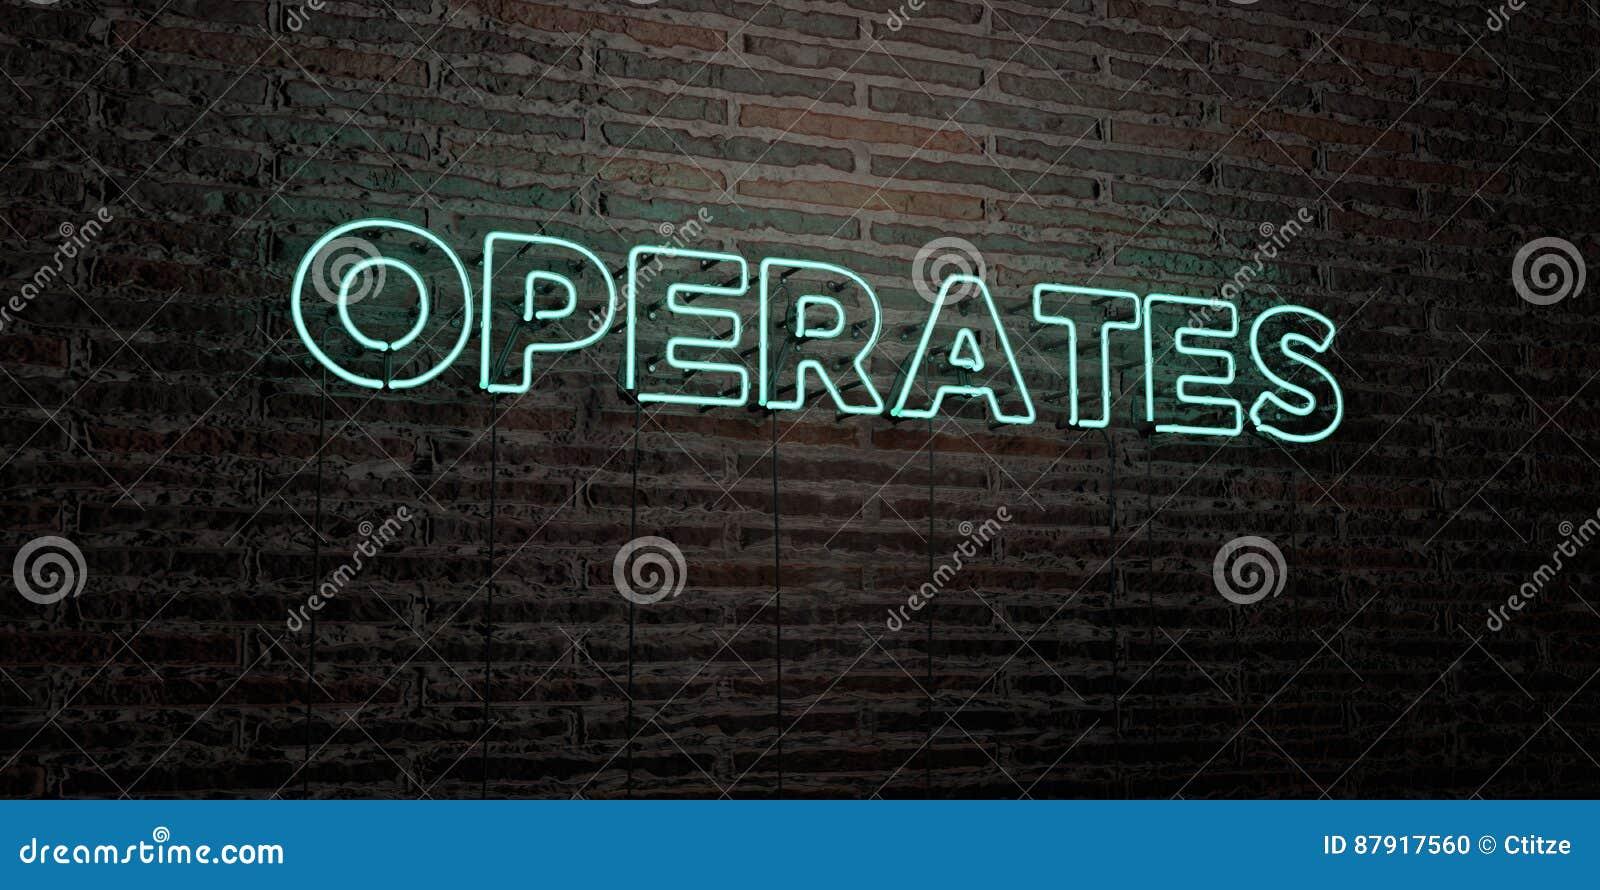 DZIAŁA - Realistyczny Neonowy znak na ściana z cegieł tle - 3D odpłacającego się królewskość bezpłatnego akcyjnego wizerunek